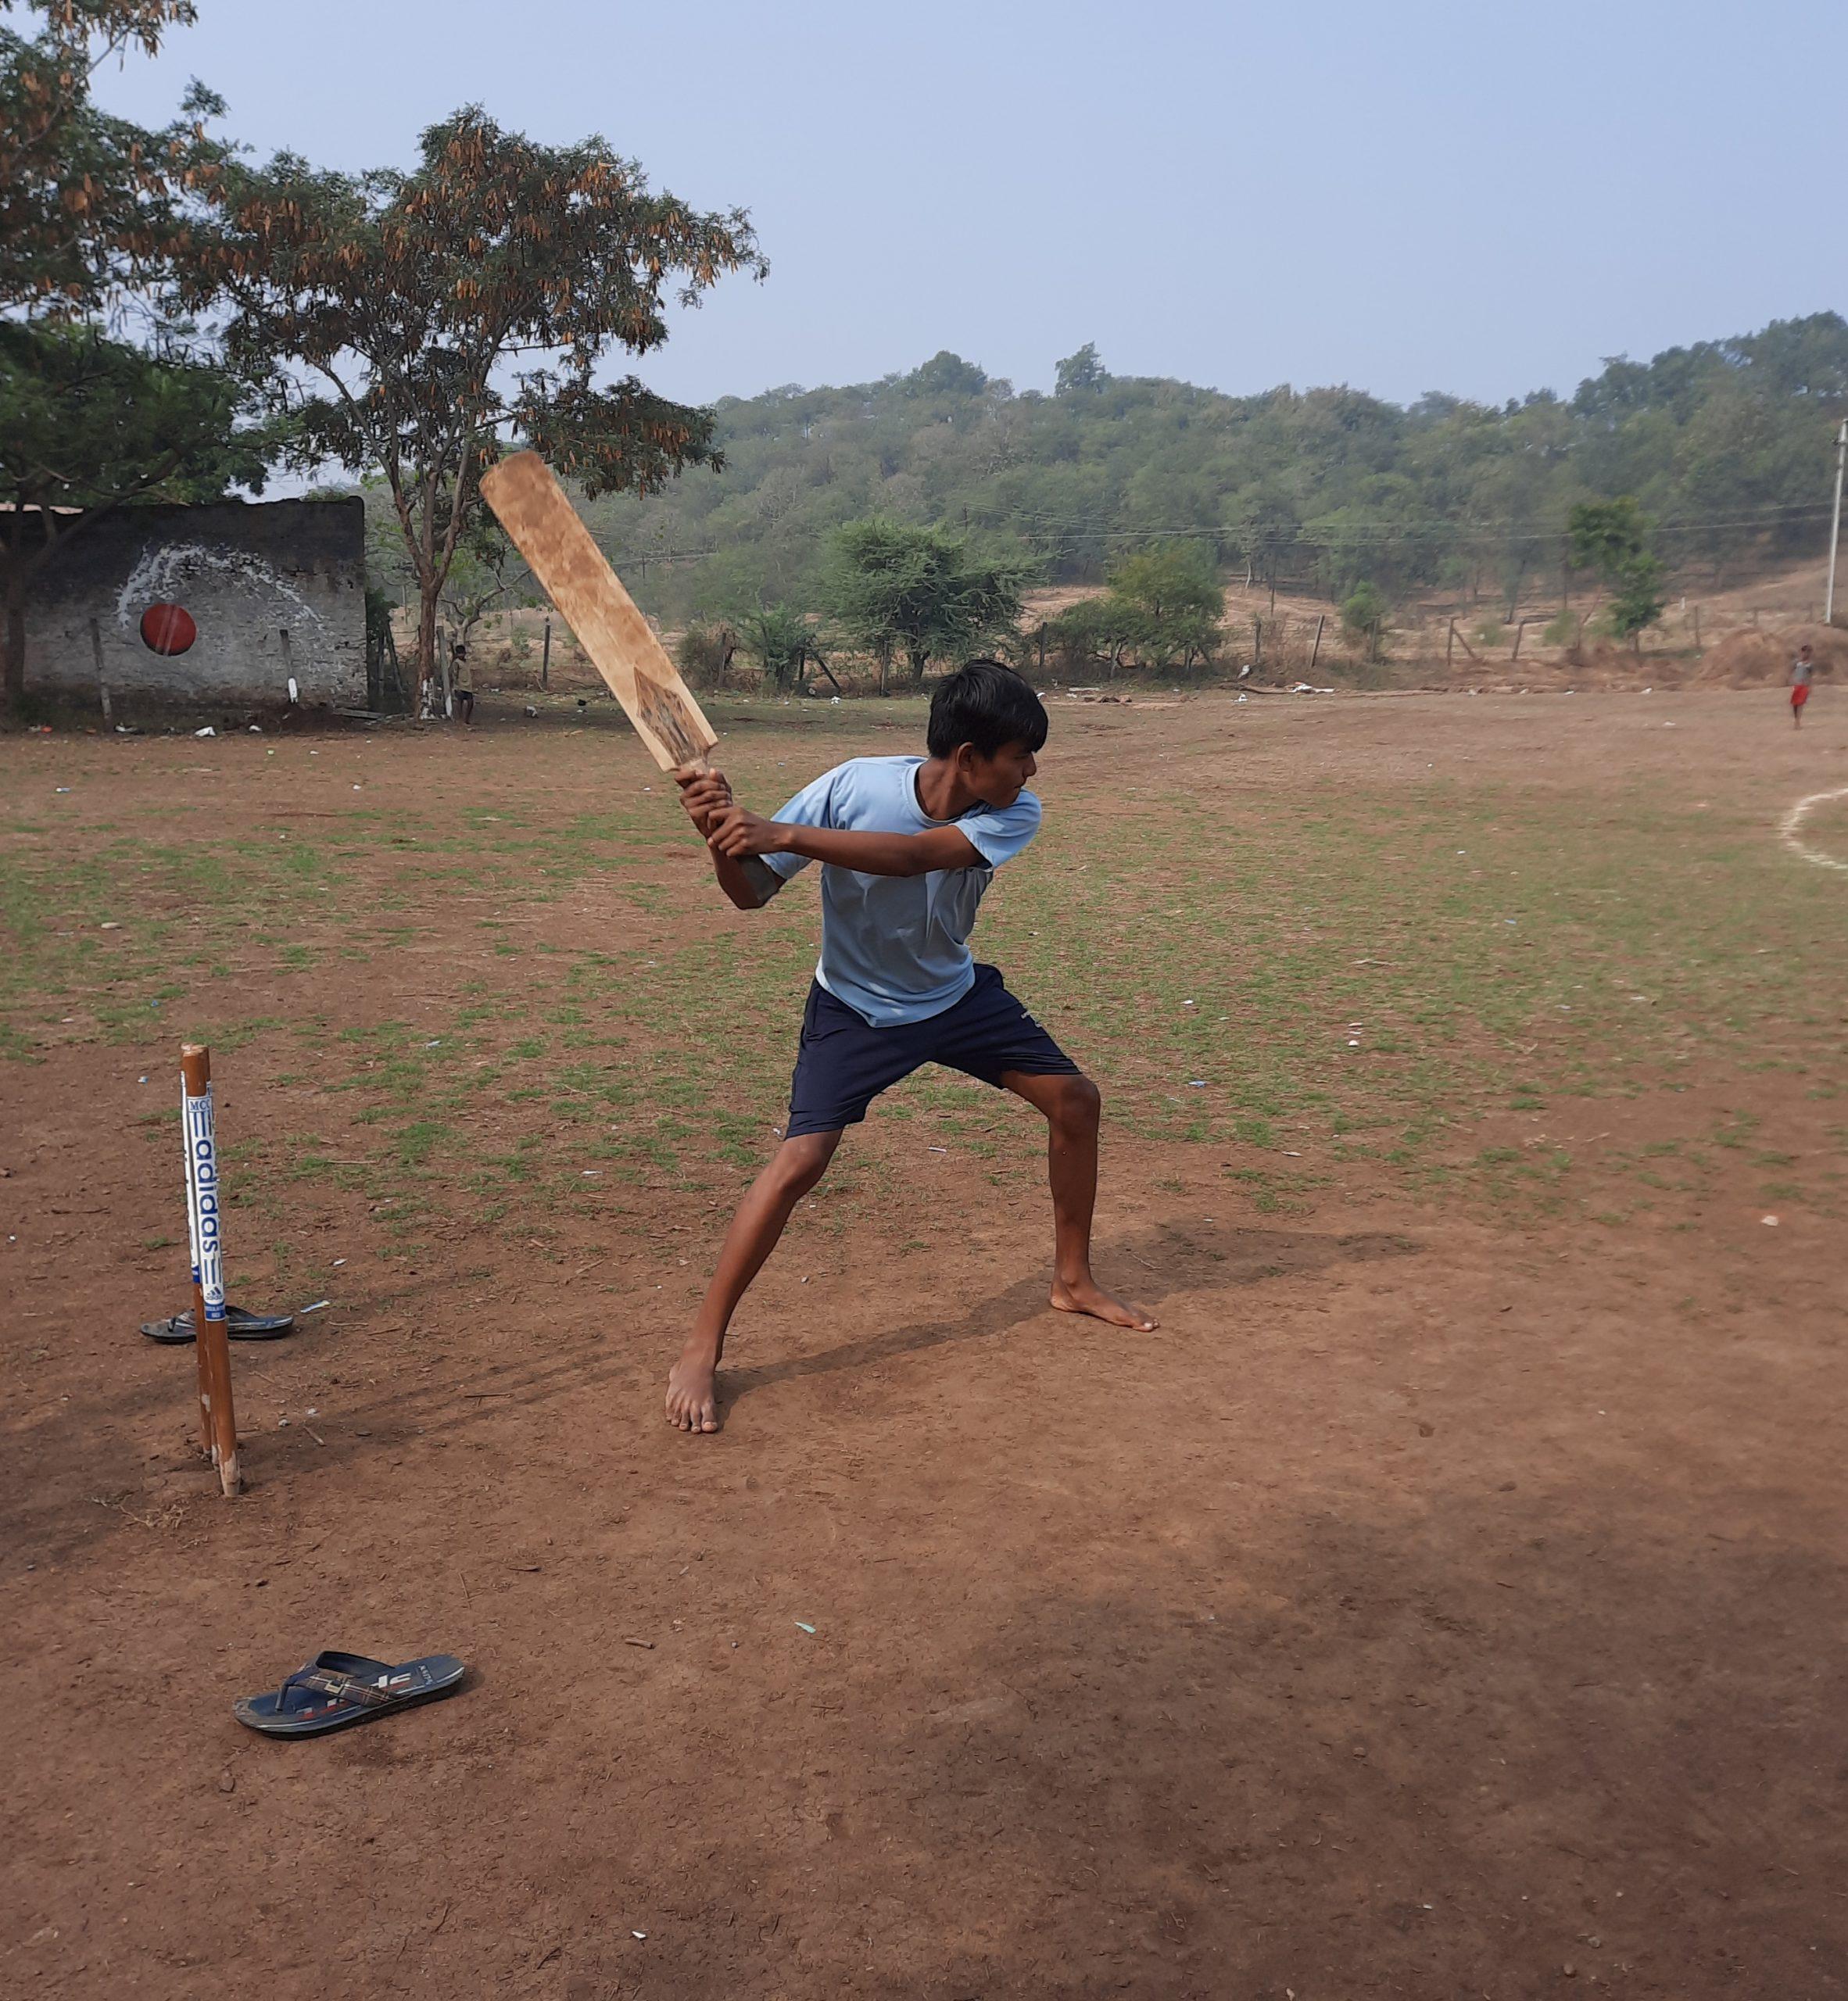 A boy playing cricket